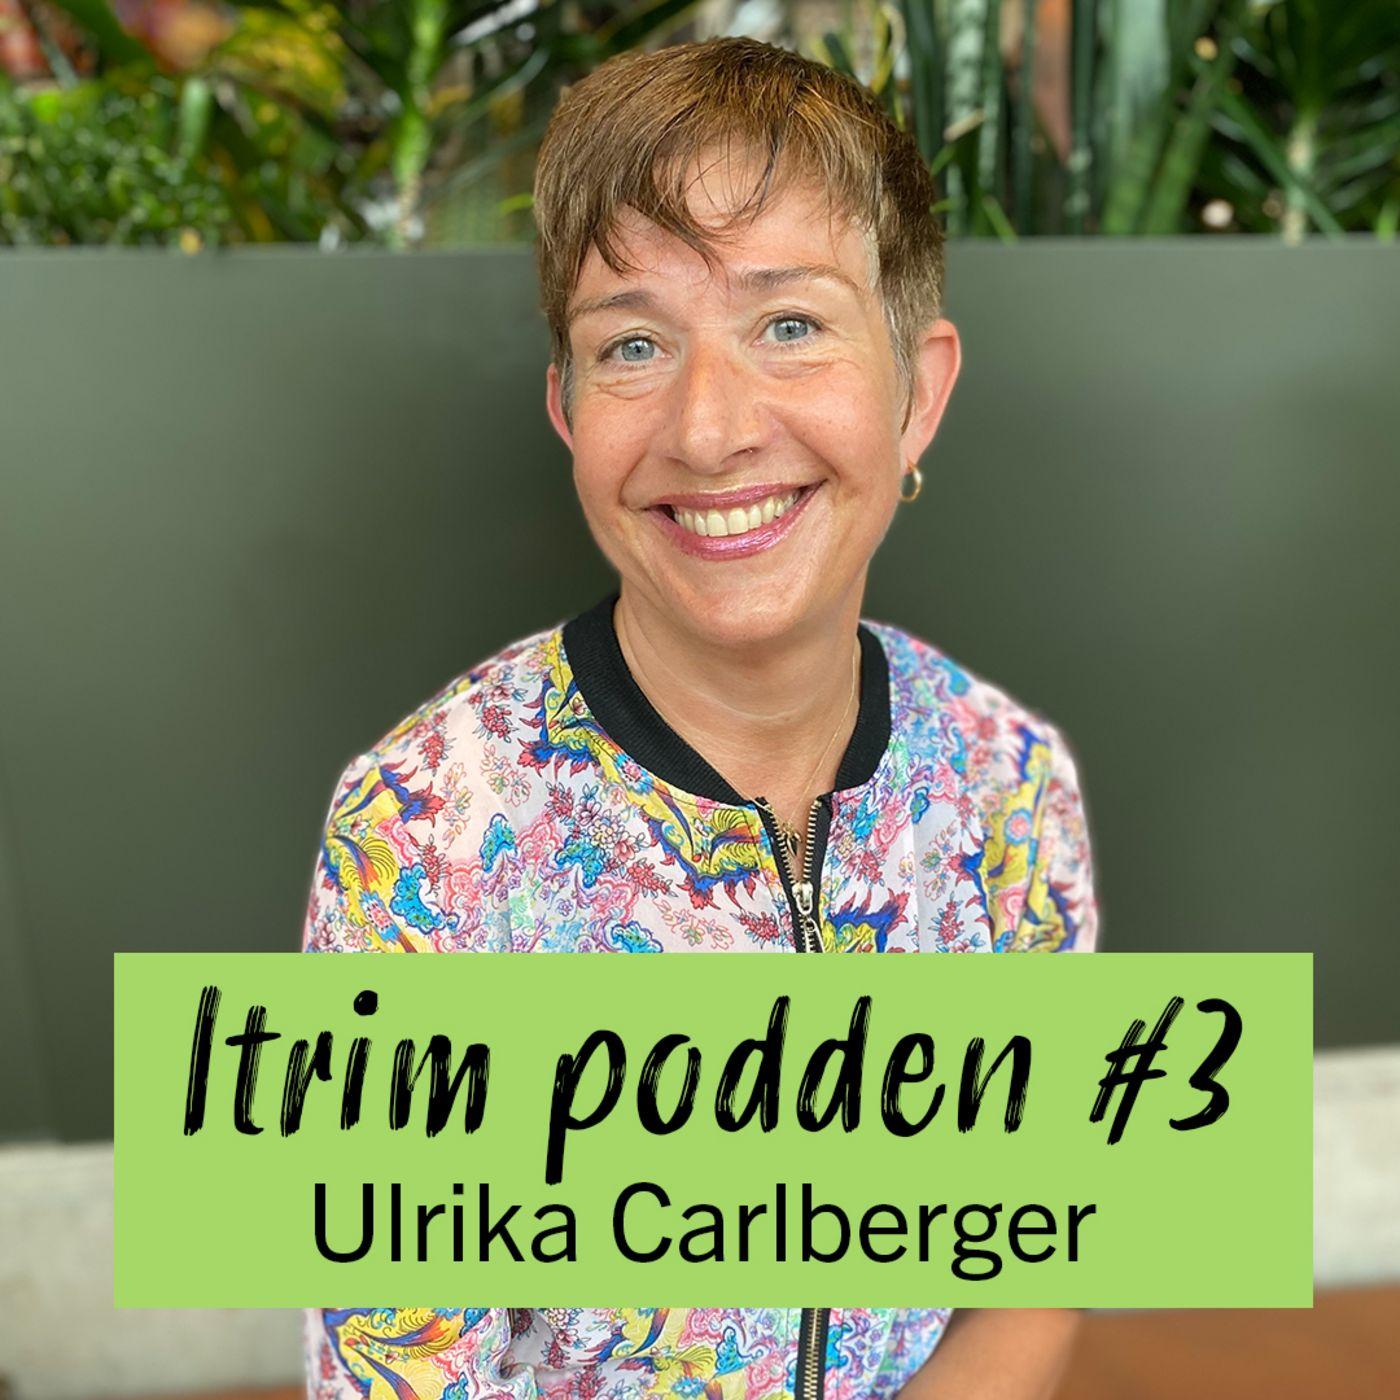 #3: Ulrika Carlberger, är det digestivkexet som bestämmer?